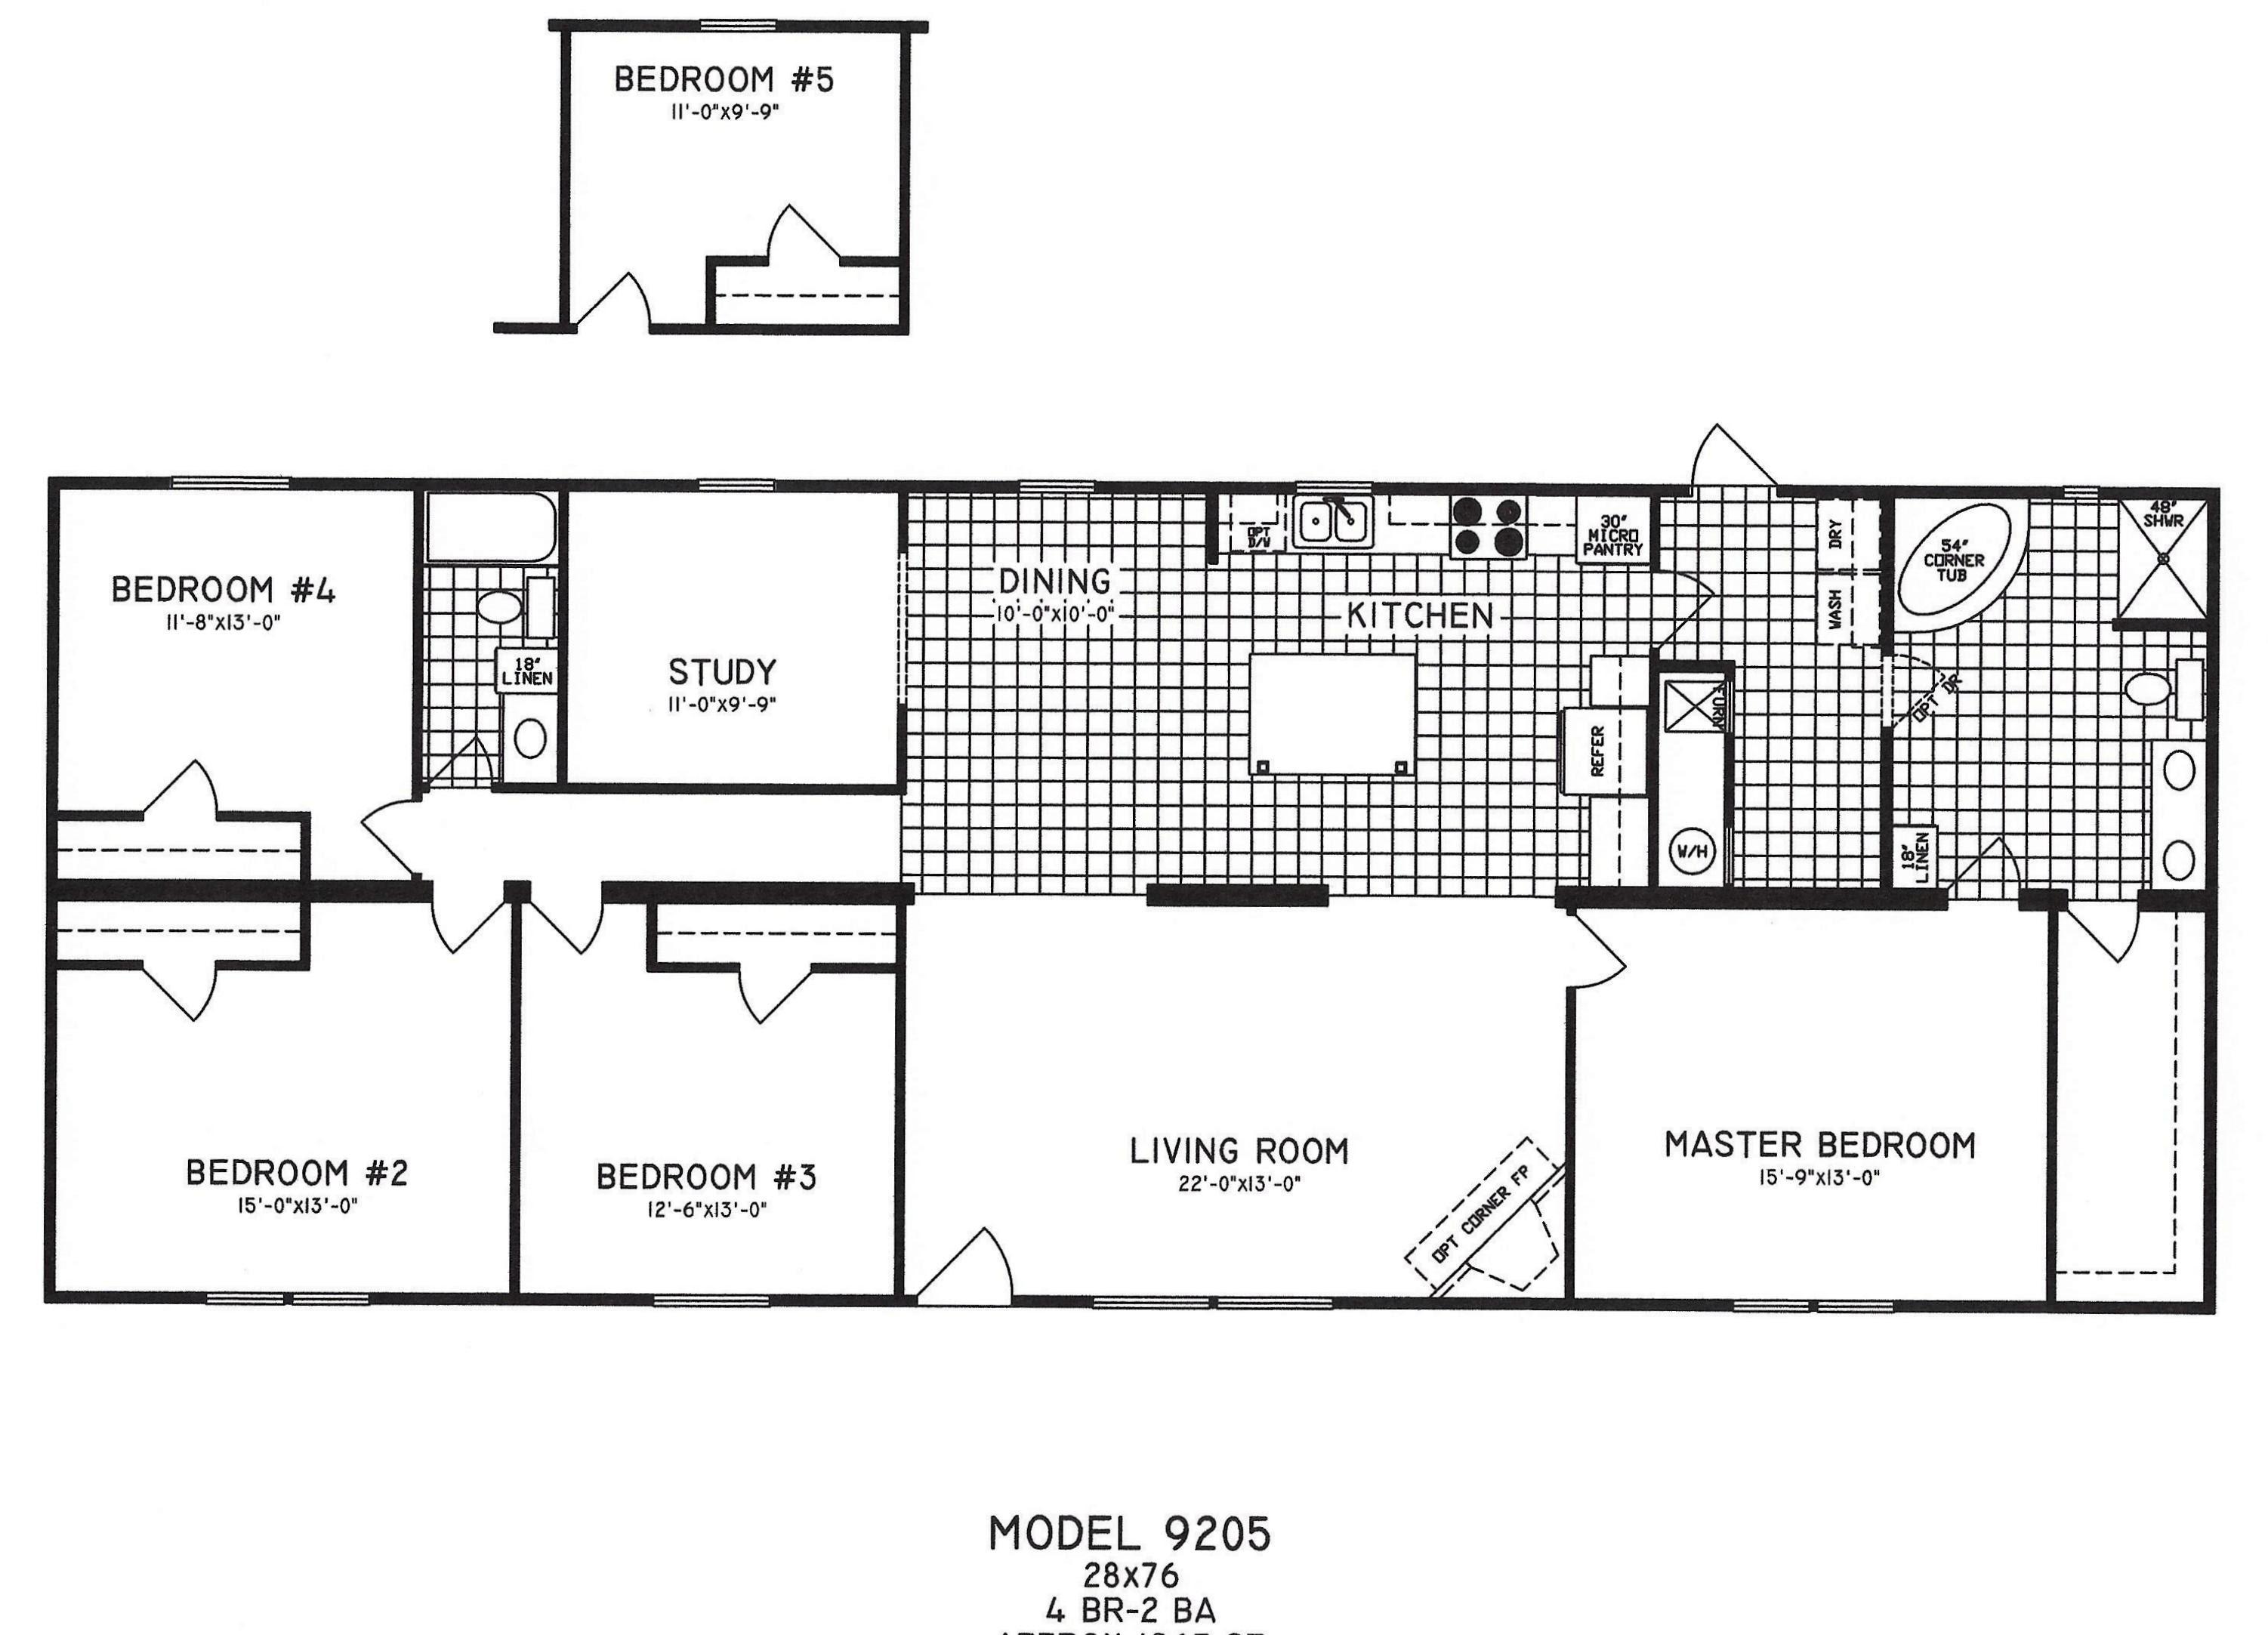 Top Photo of 4 Bedroom Mobile Home Floor Plans | Kristen ...